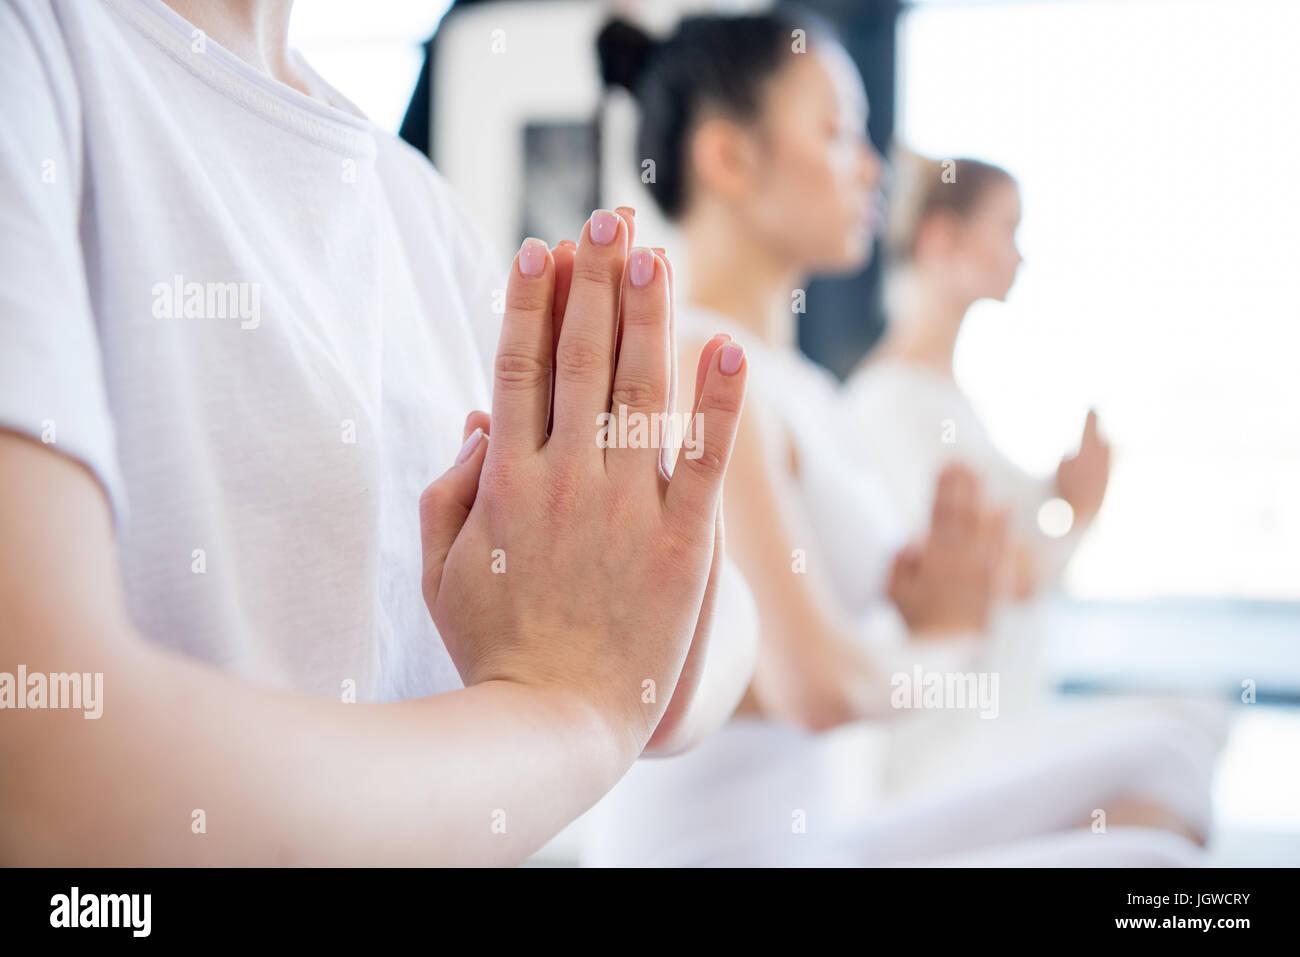 Concentrato di giovani donne meditando in lotus posano con Namaste mudra gesto in ambienti interni Immagini Stock